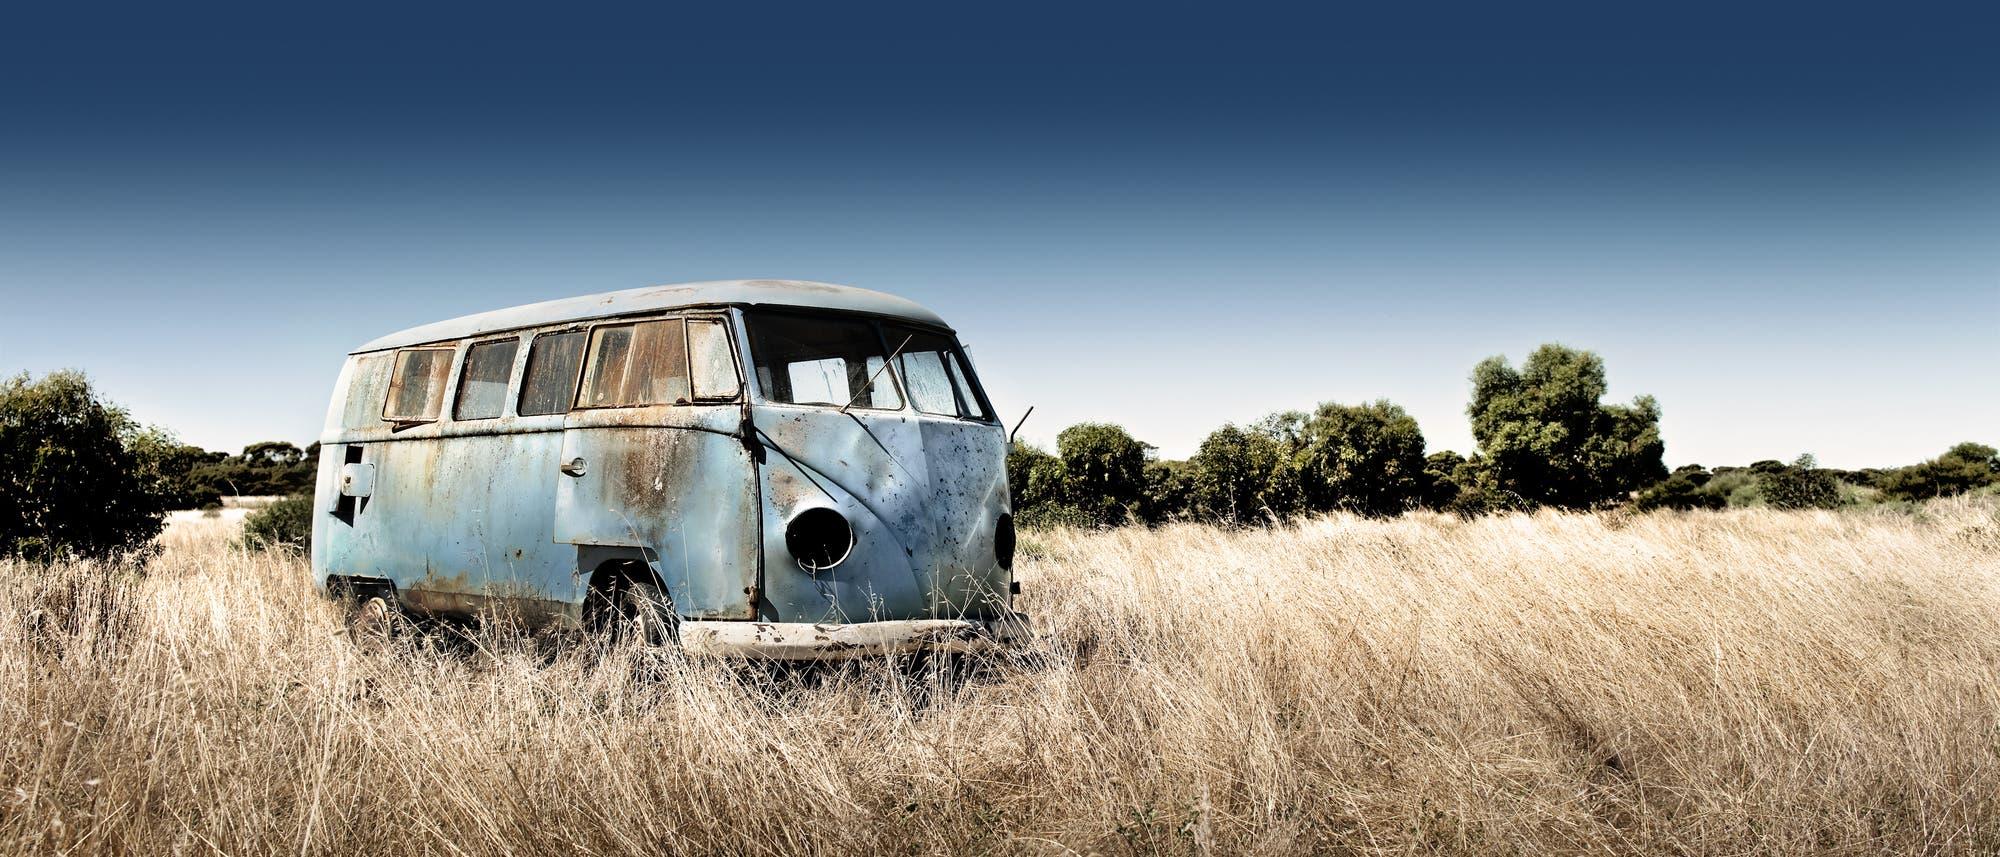 Ein verlassener Campingbus steht in der Landschaft herum.